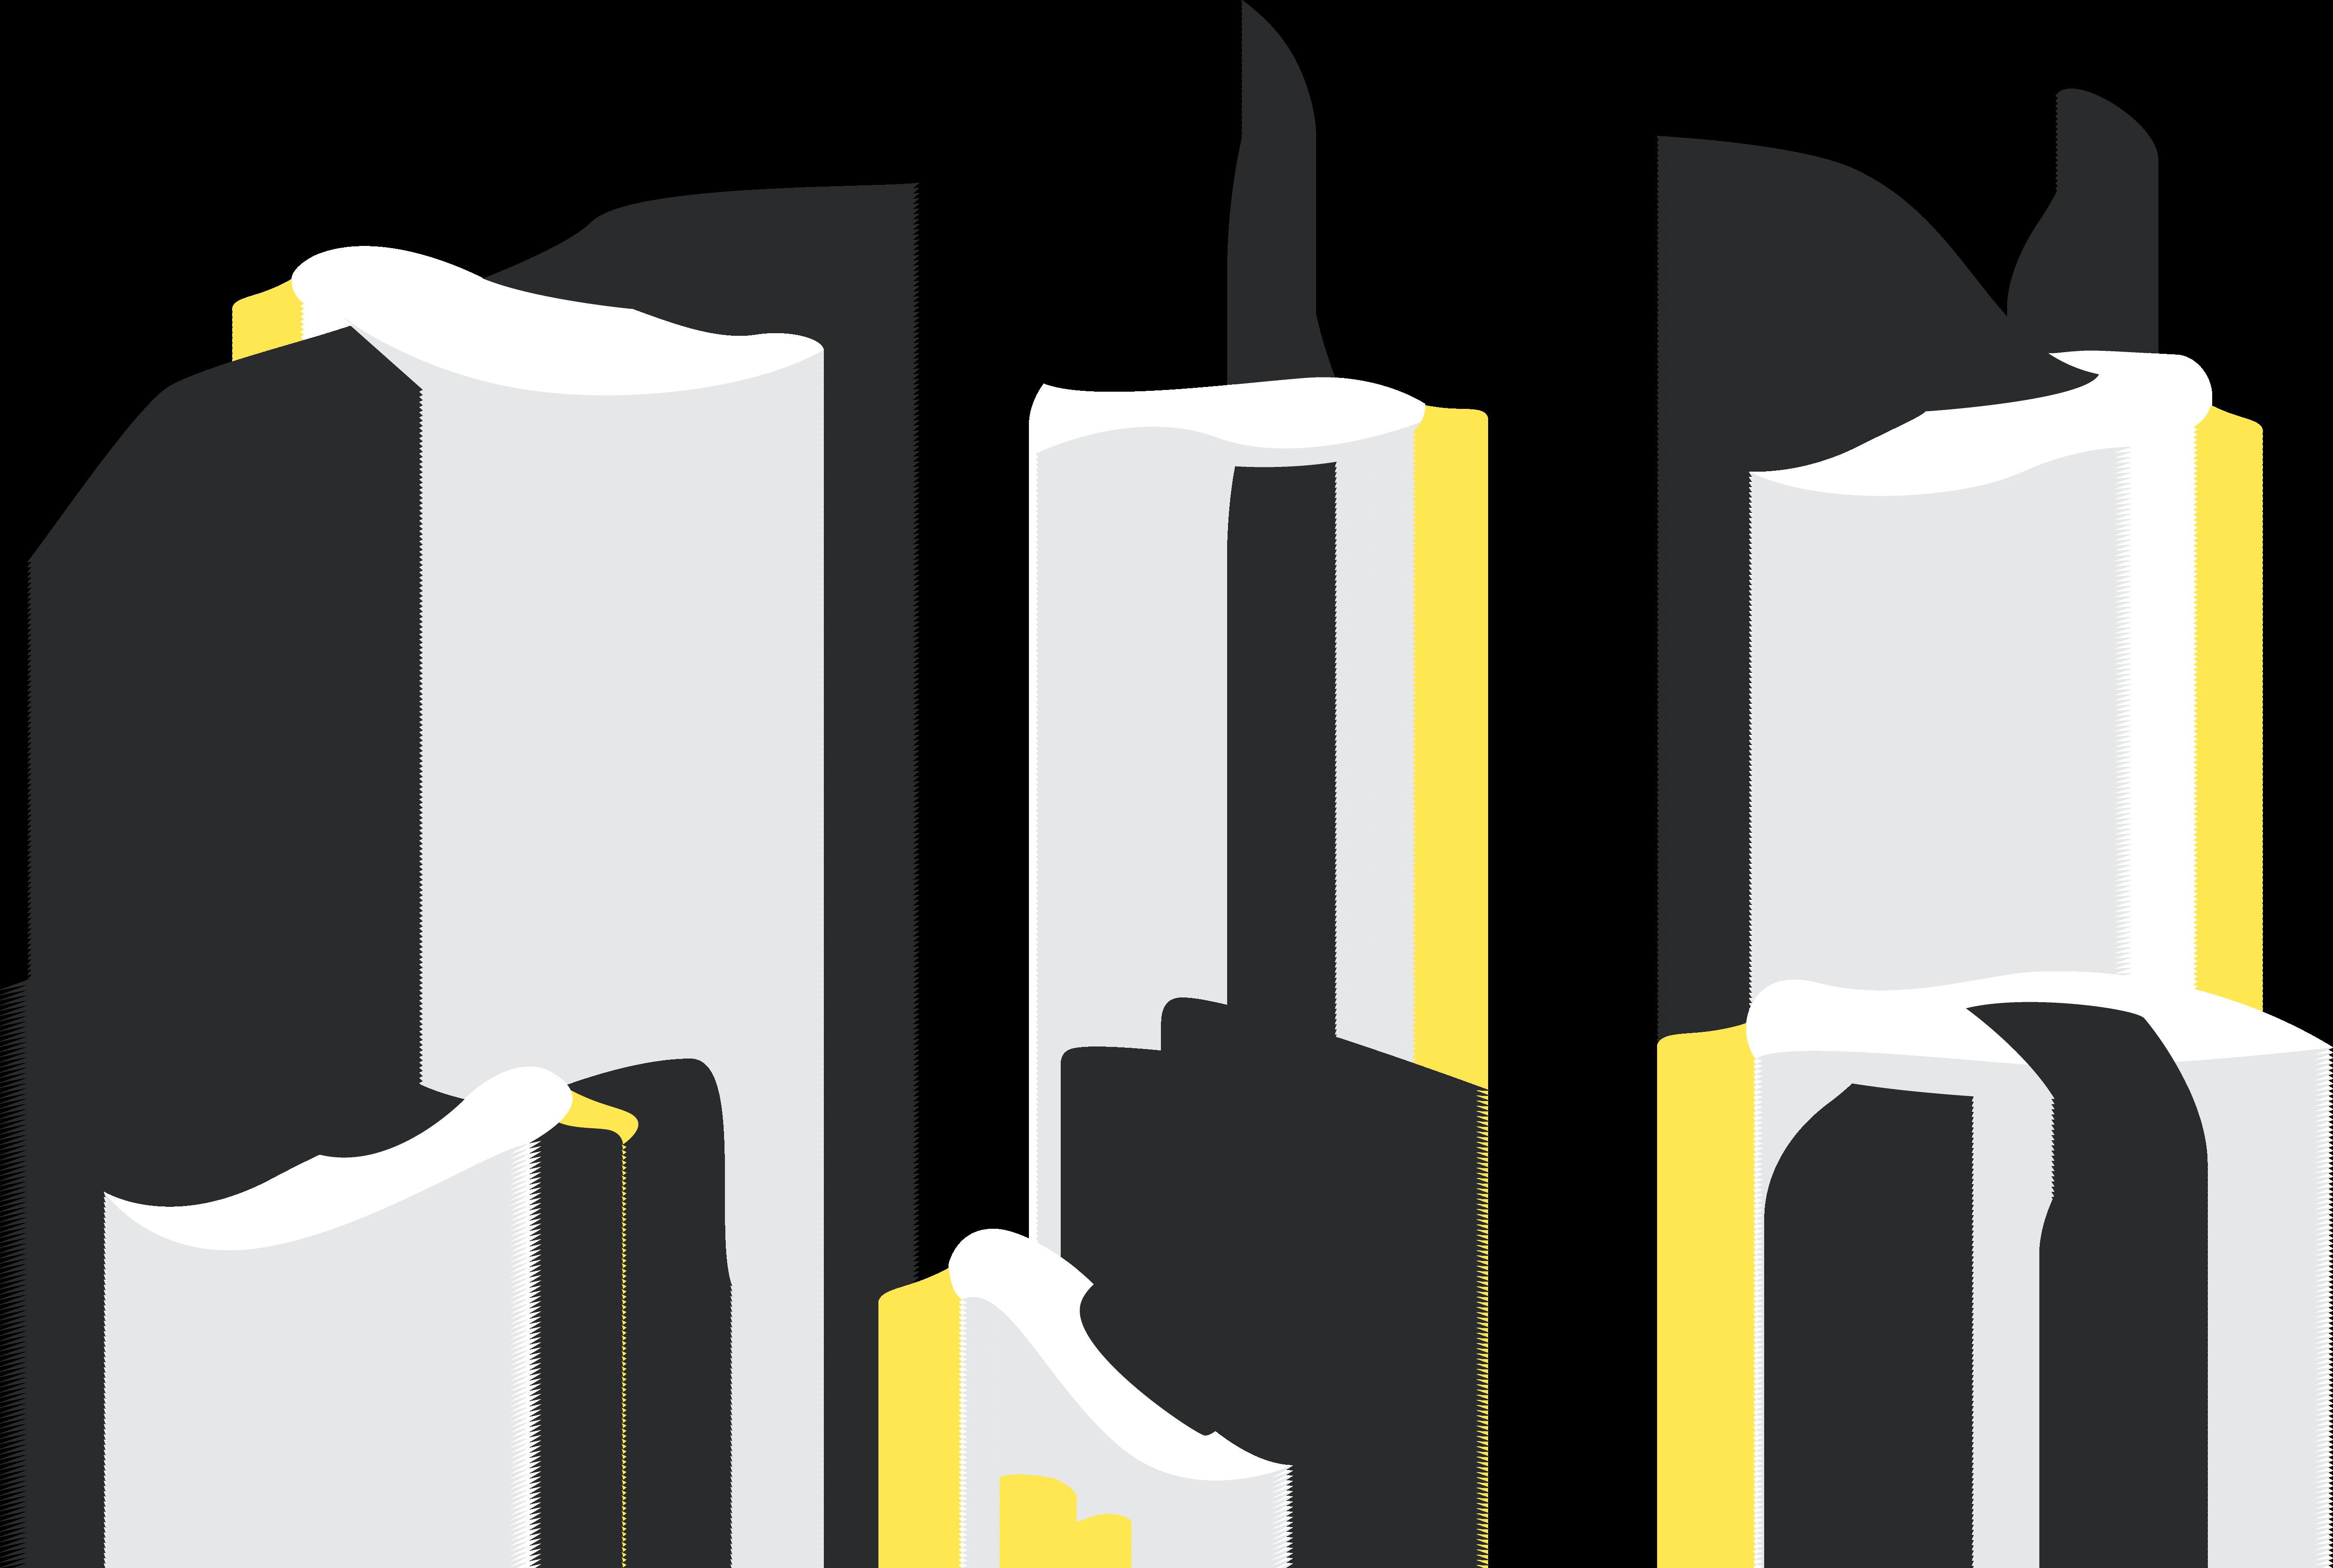 clipart library download Penguin Bird Albatross Gulls